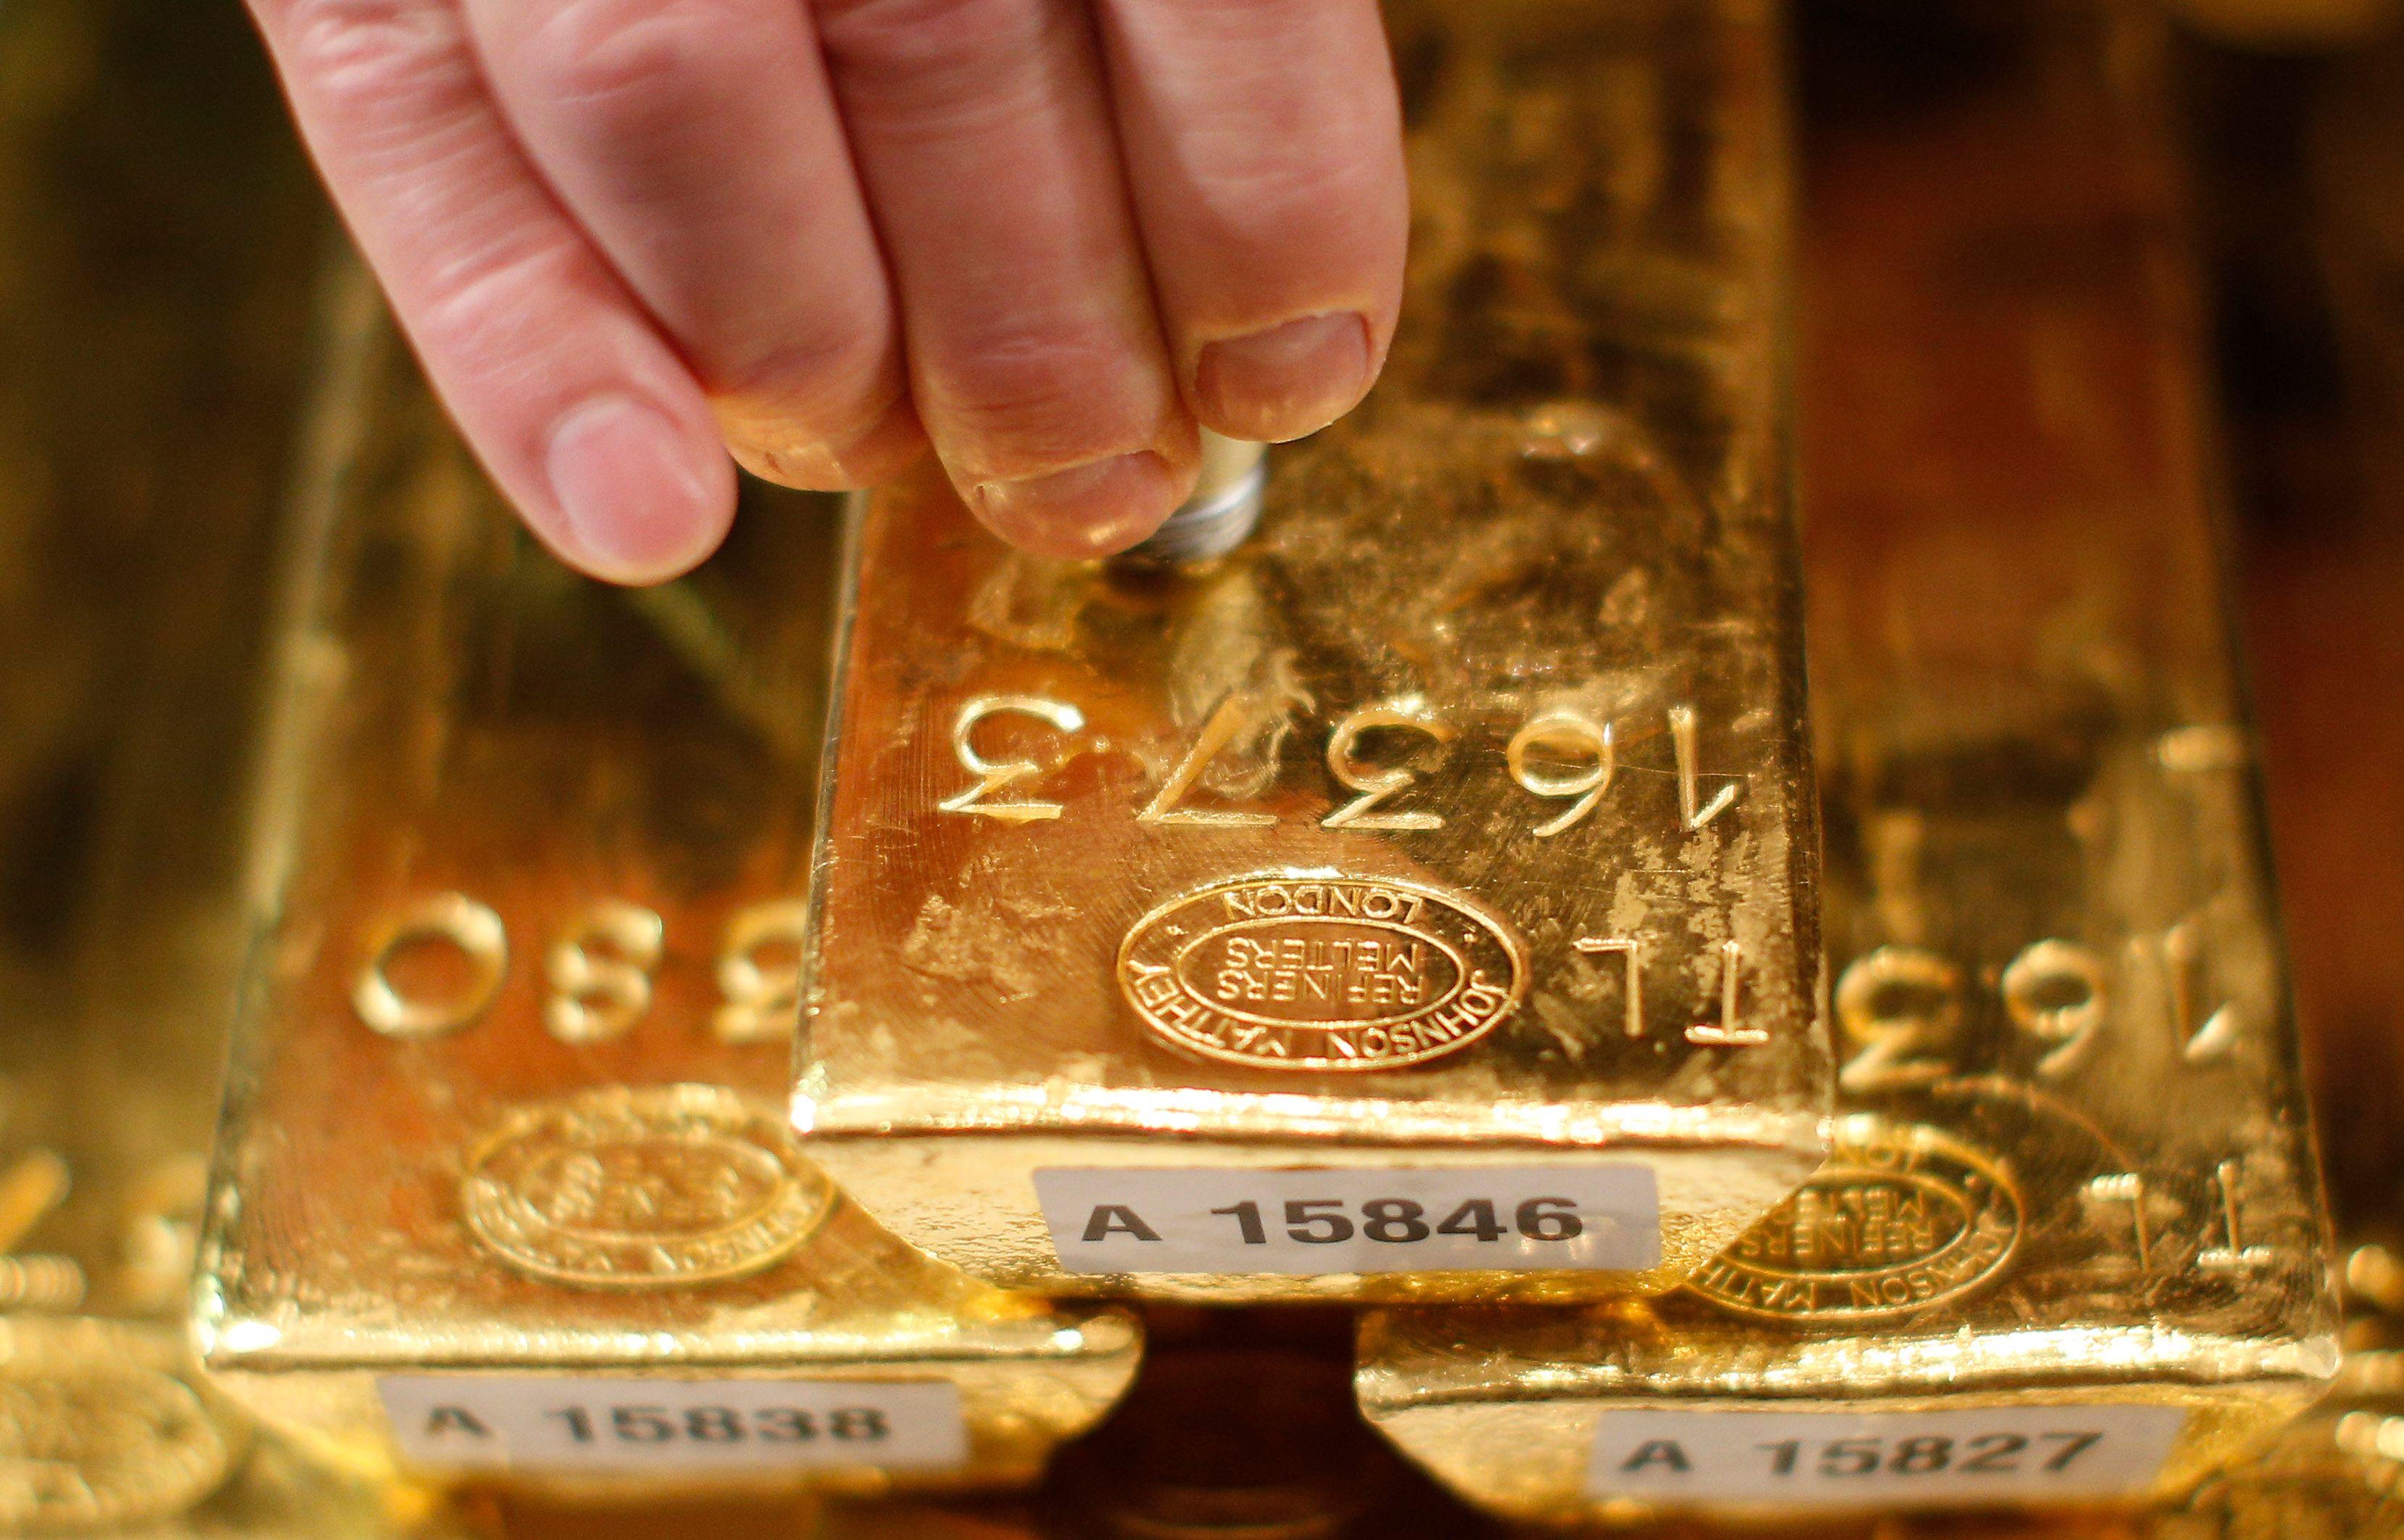 Il hérite d'une maison et trouve 100 kg d'or